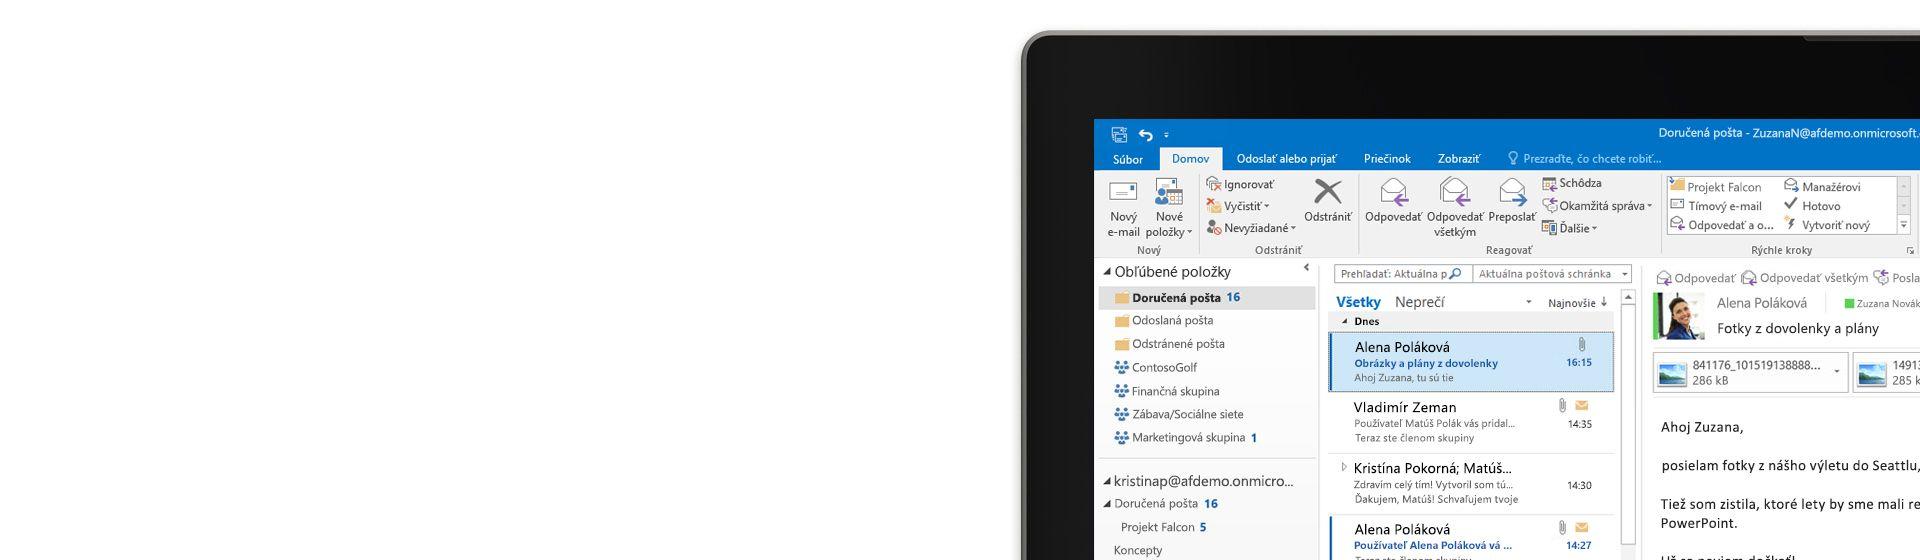 Roh obrazovky počítača zobrazujúcej priečinok doručenej pošty vOutlooku